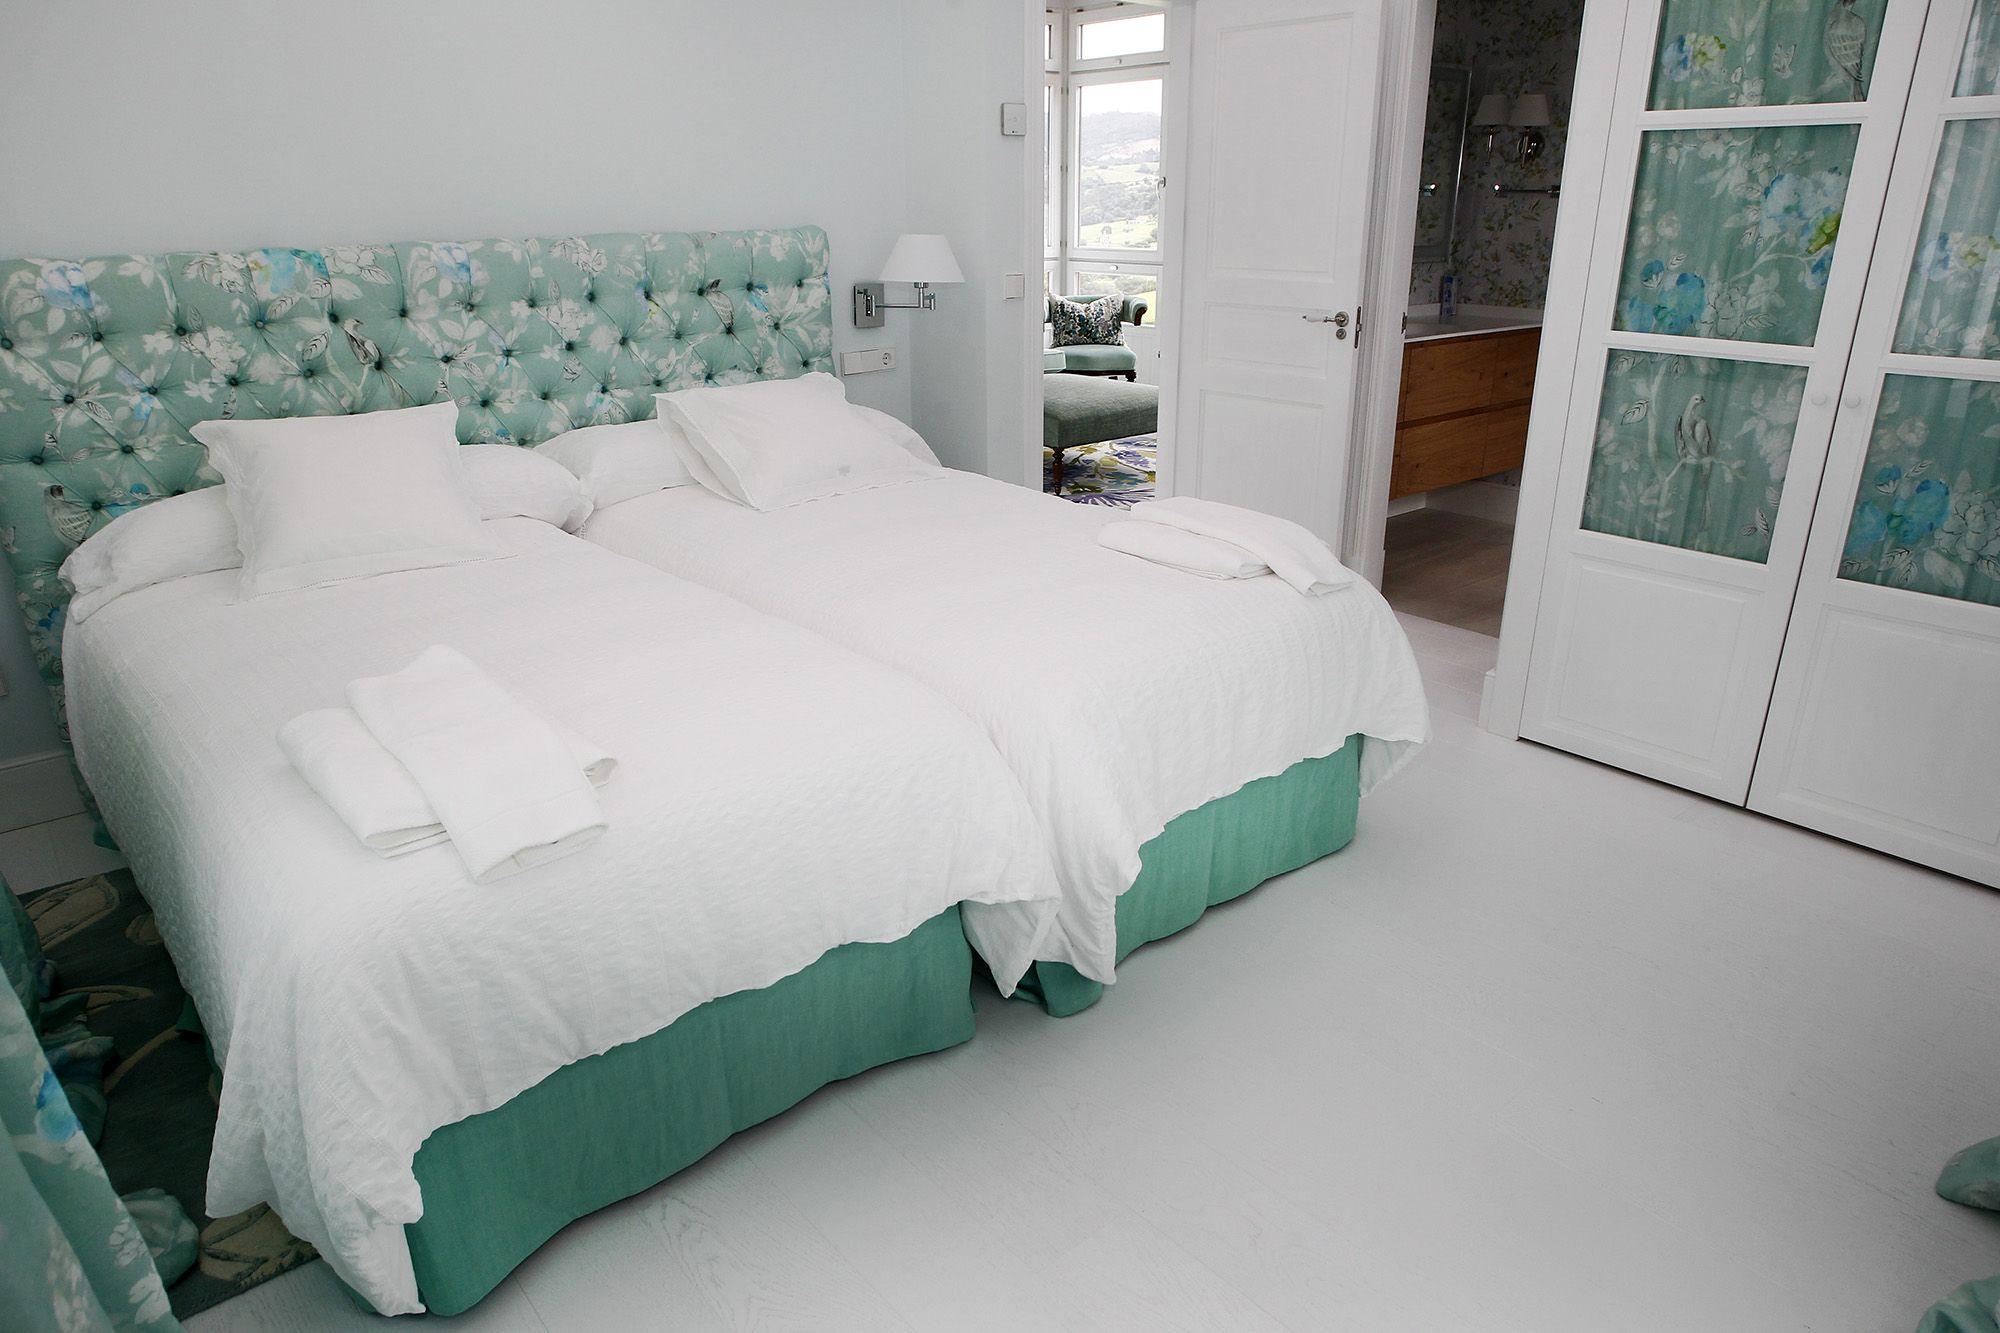 habitacion con suelo de madera en blanco